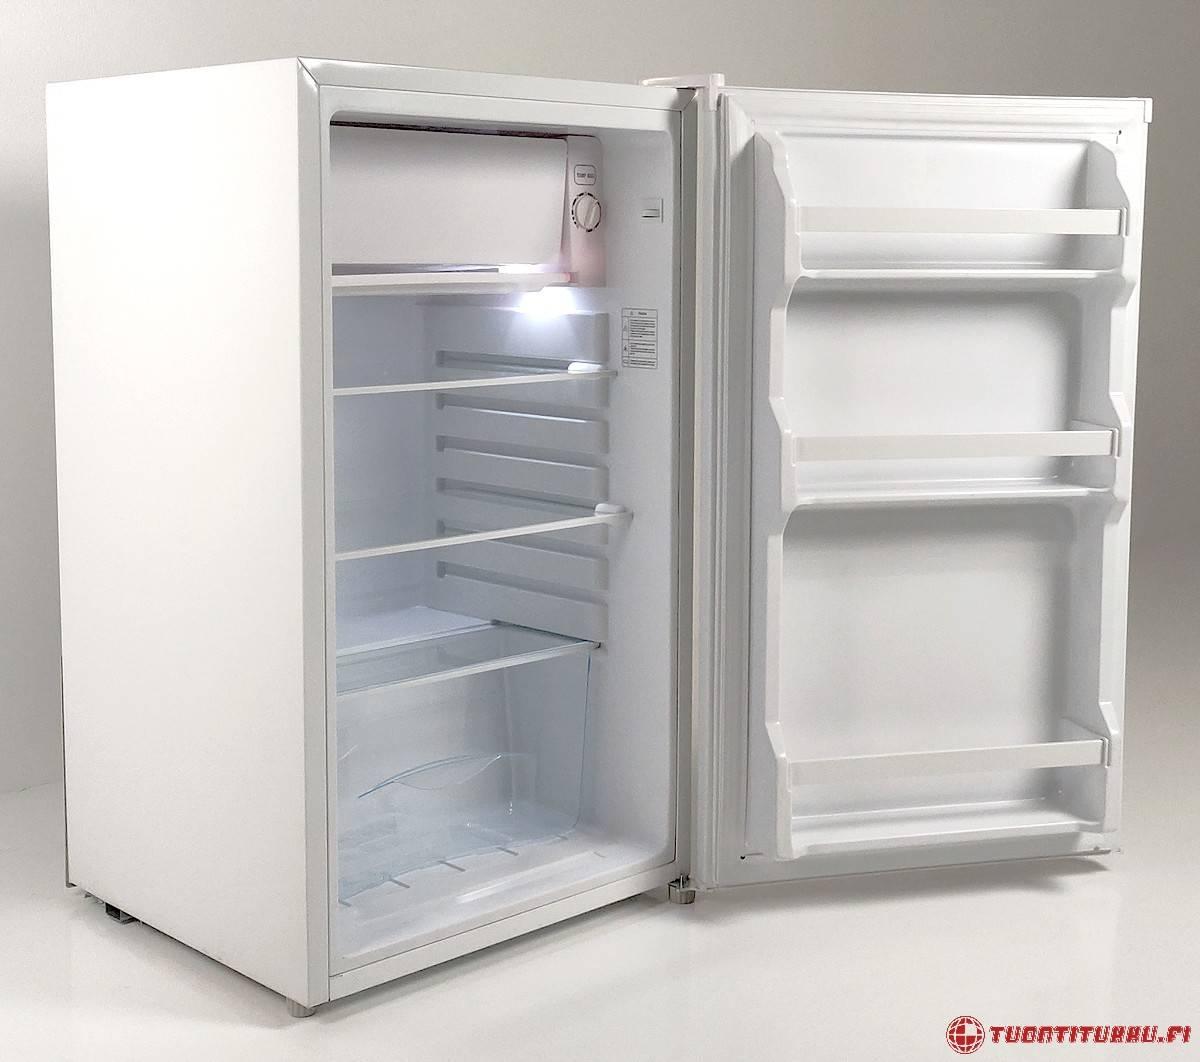 Jääkaappi-Pakastin